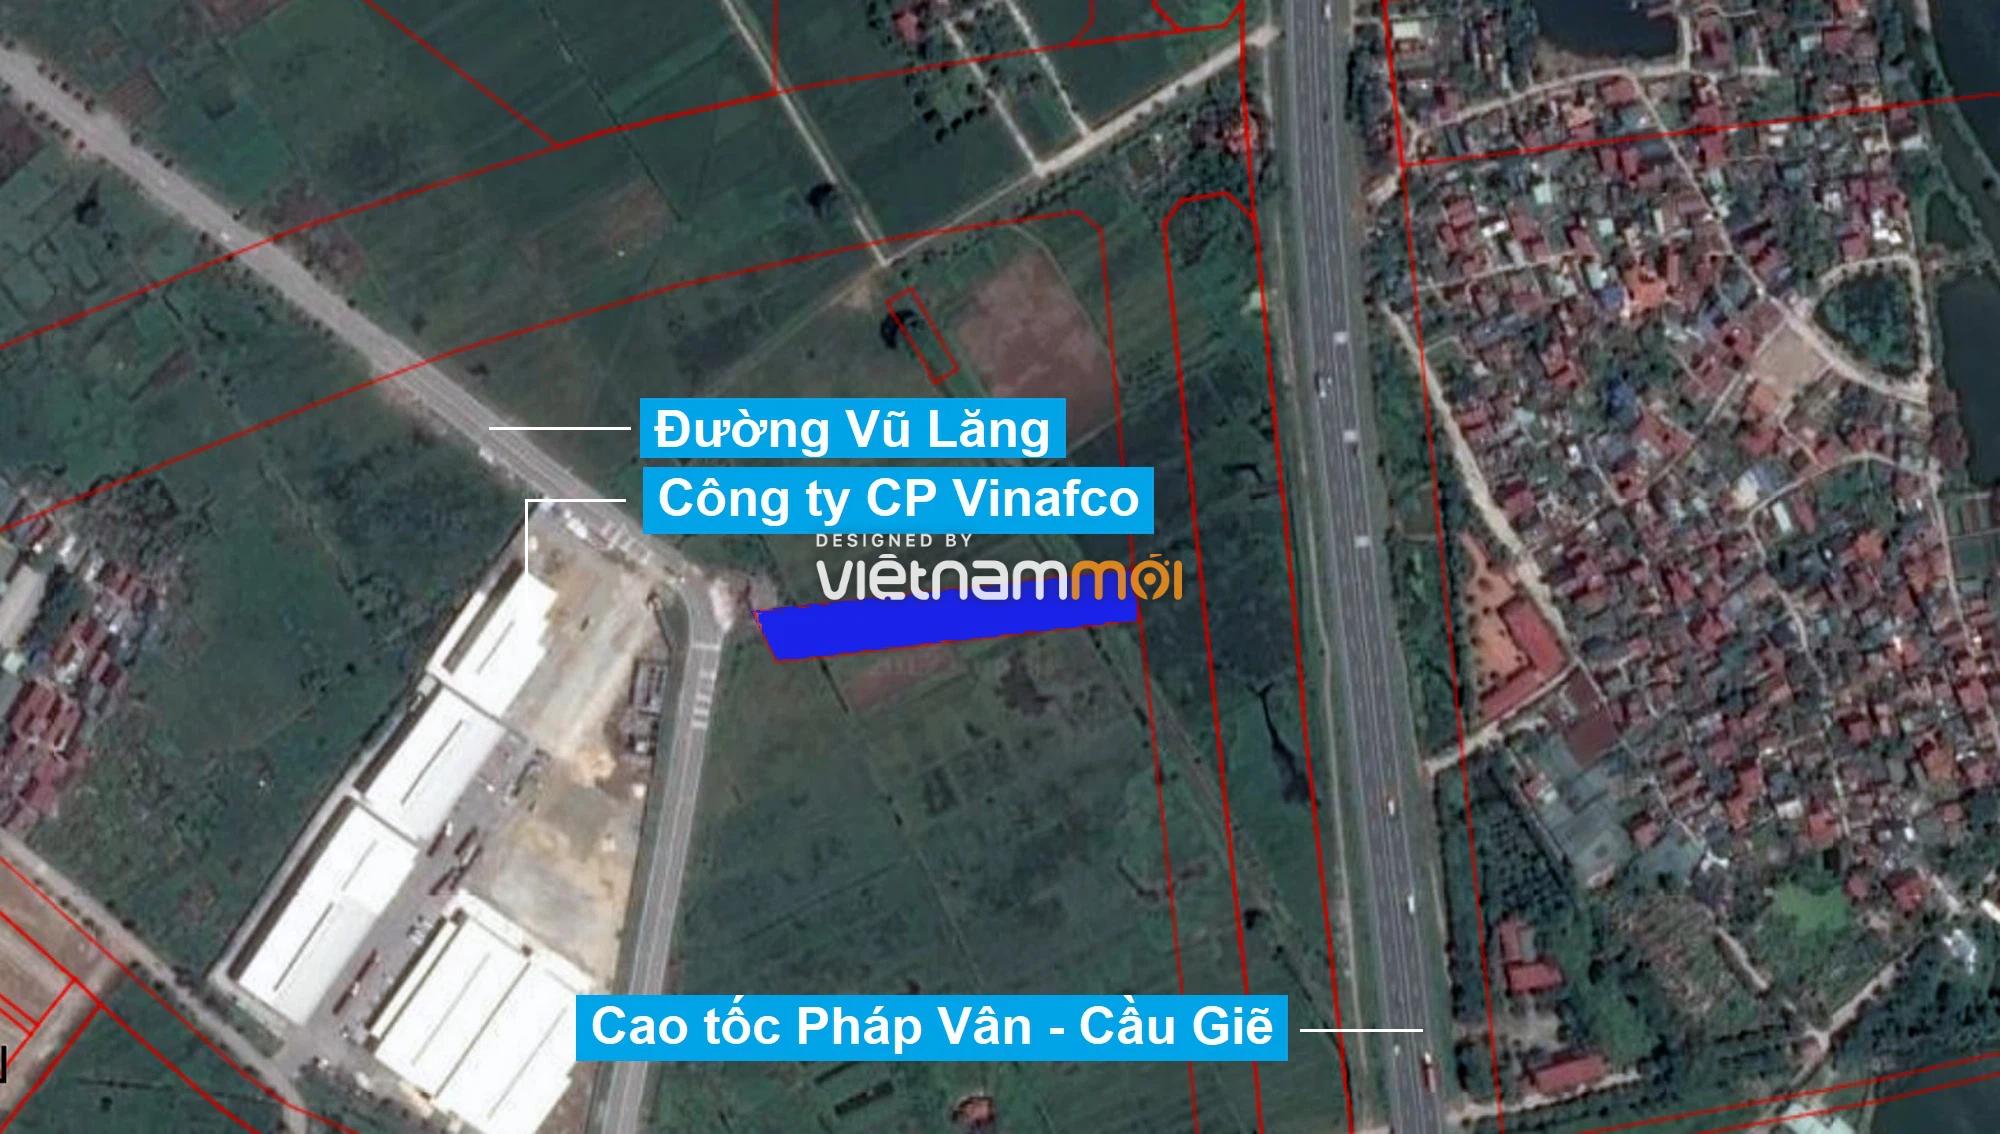 Những khu đất sắp thu hồi để mở đường ở xã Ngũ Hiệp, Thanh Trì, Hà Nội (phần 1) - Ảnh 13.